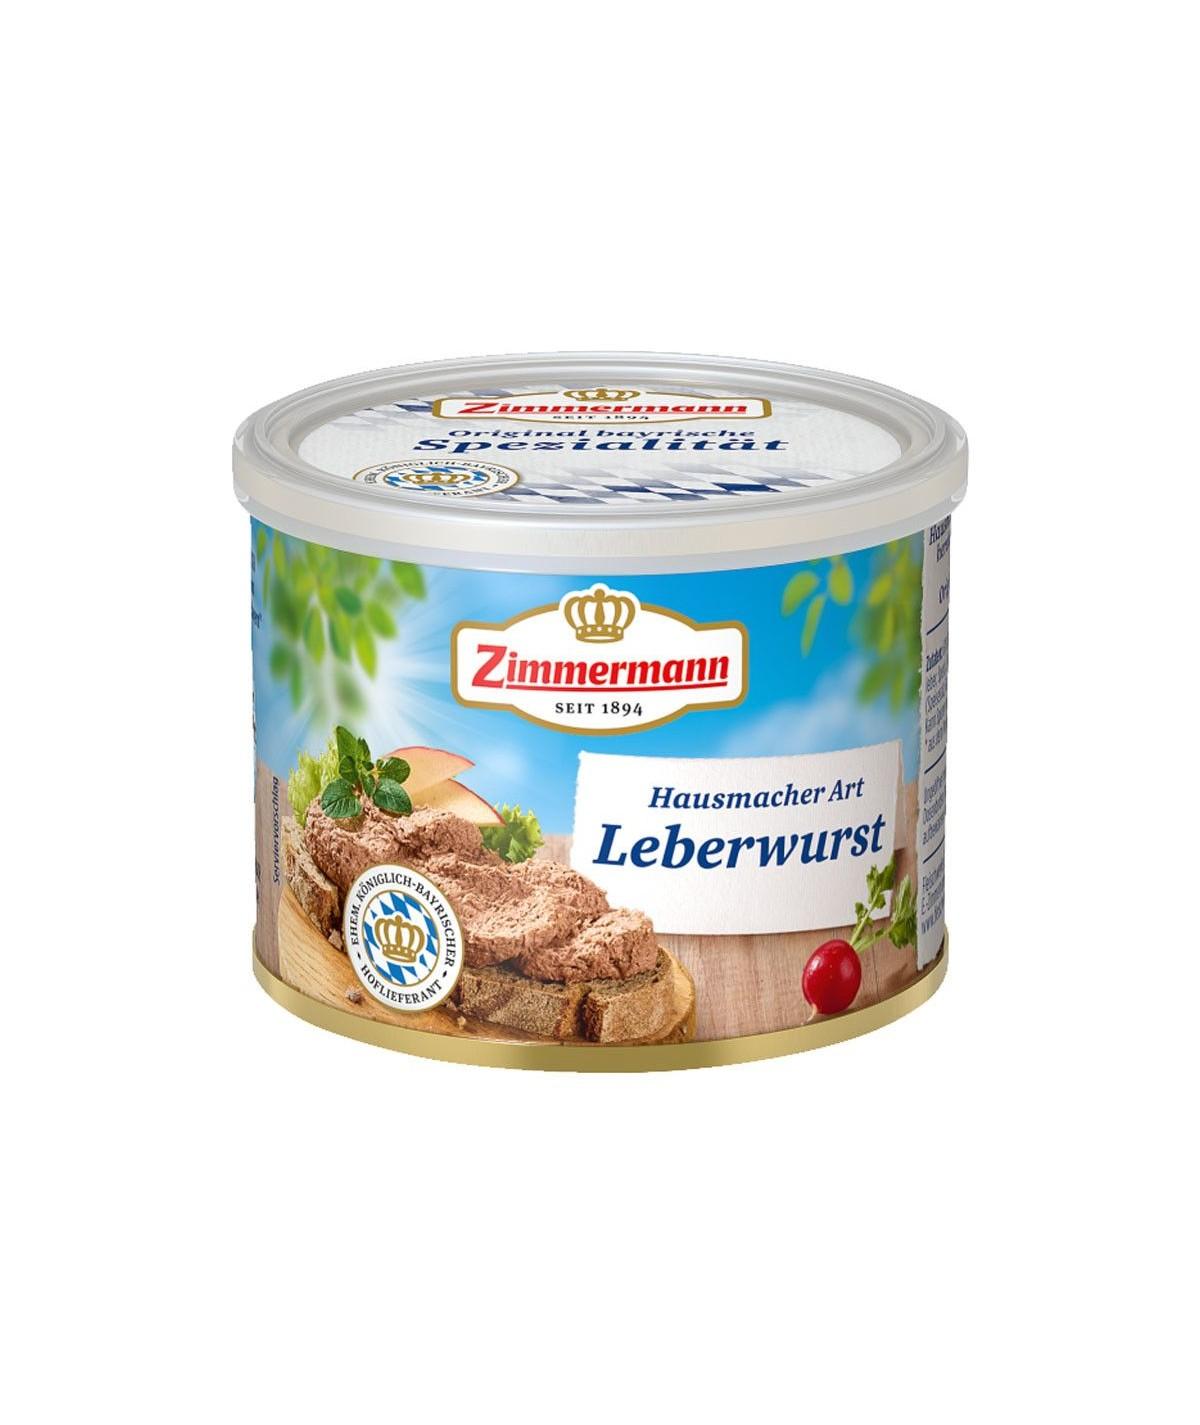 Hausmacher Leberwurst Zimmermann - 200g